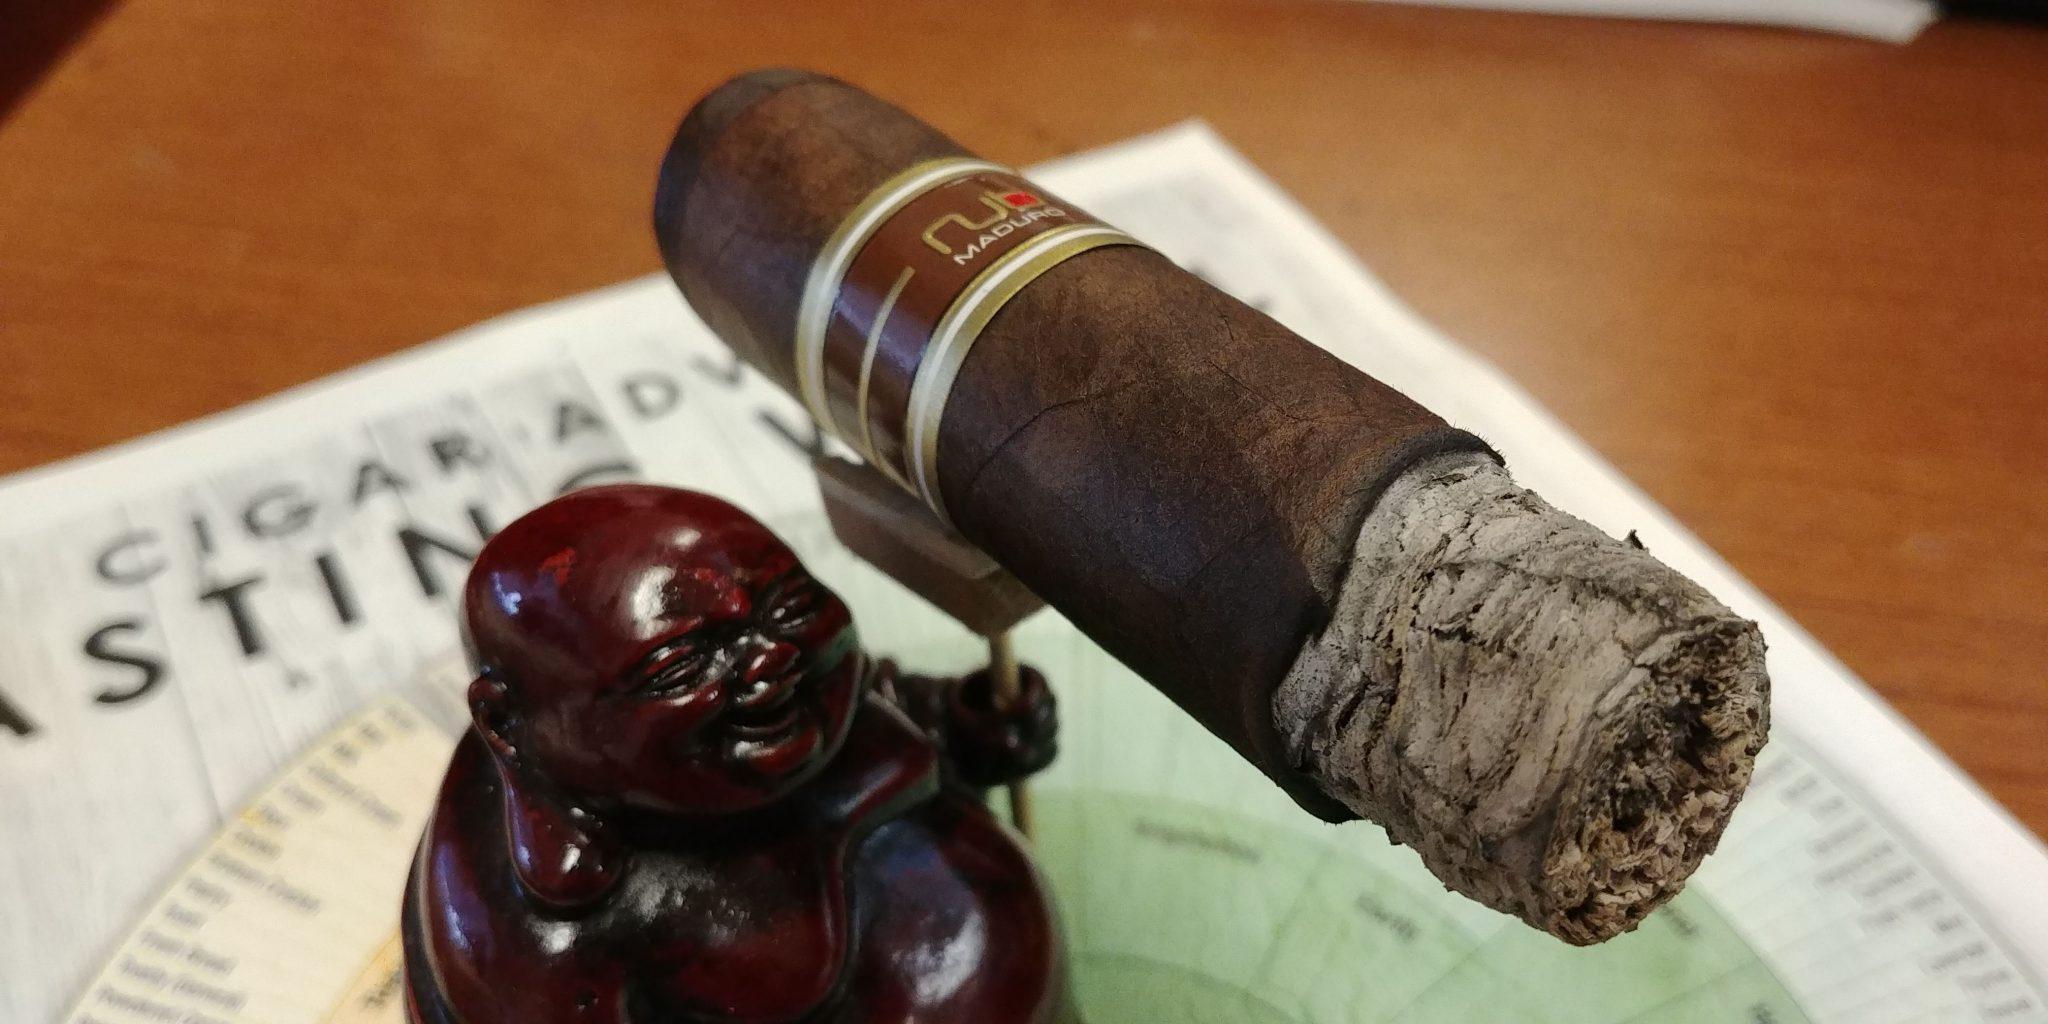 nub cigars guide nub maduro cigar review jp